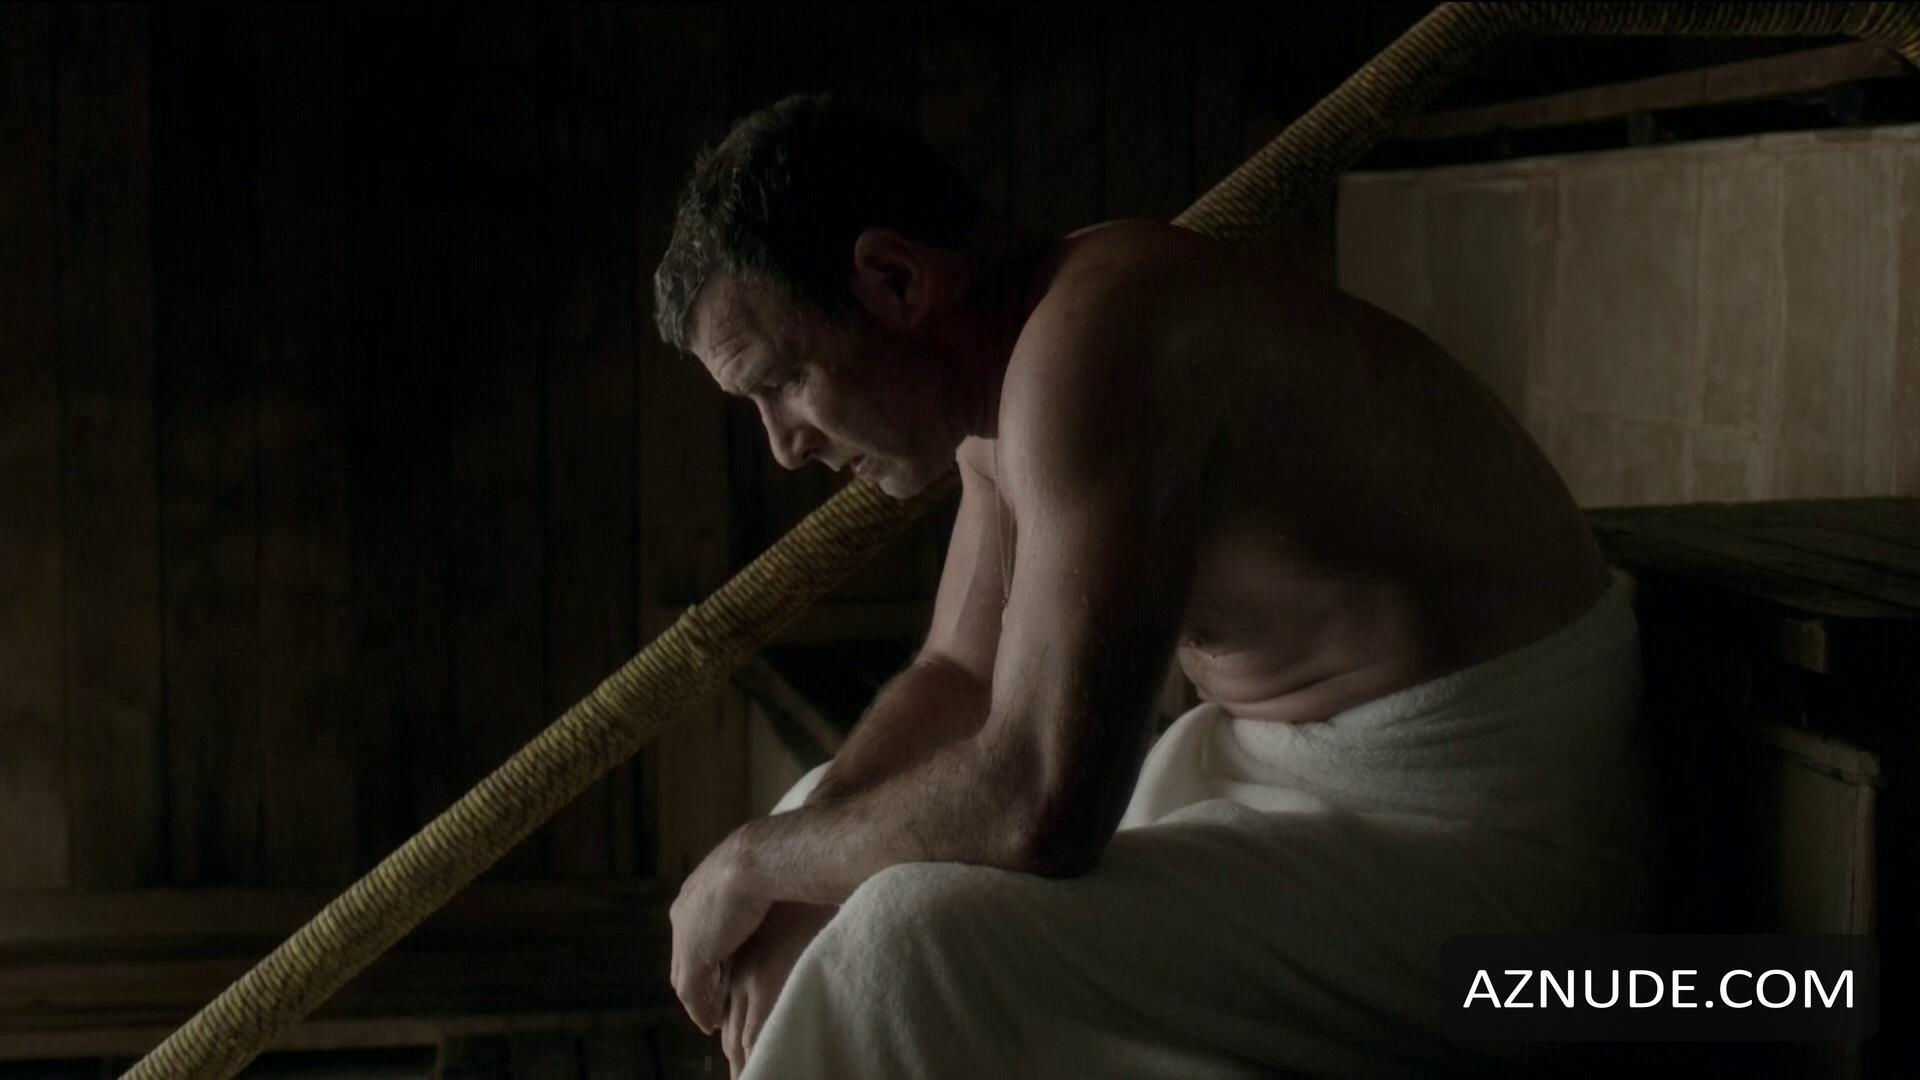 Hots Ray Donovan Nude Scenes